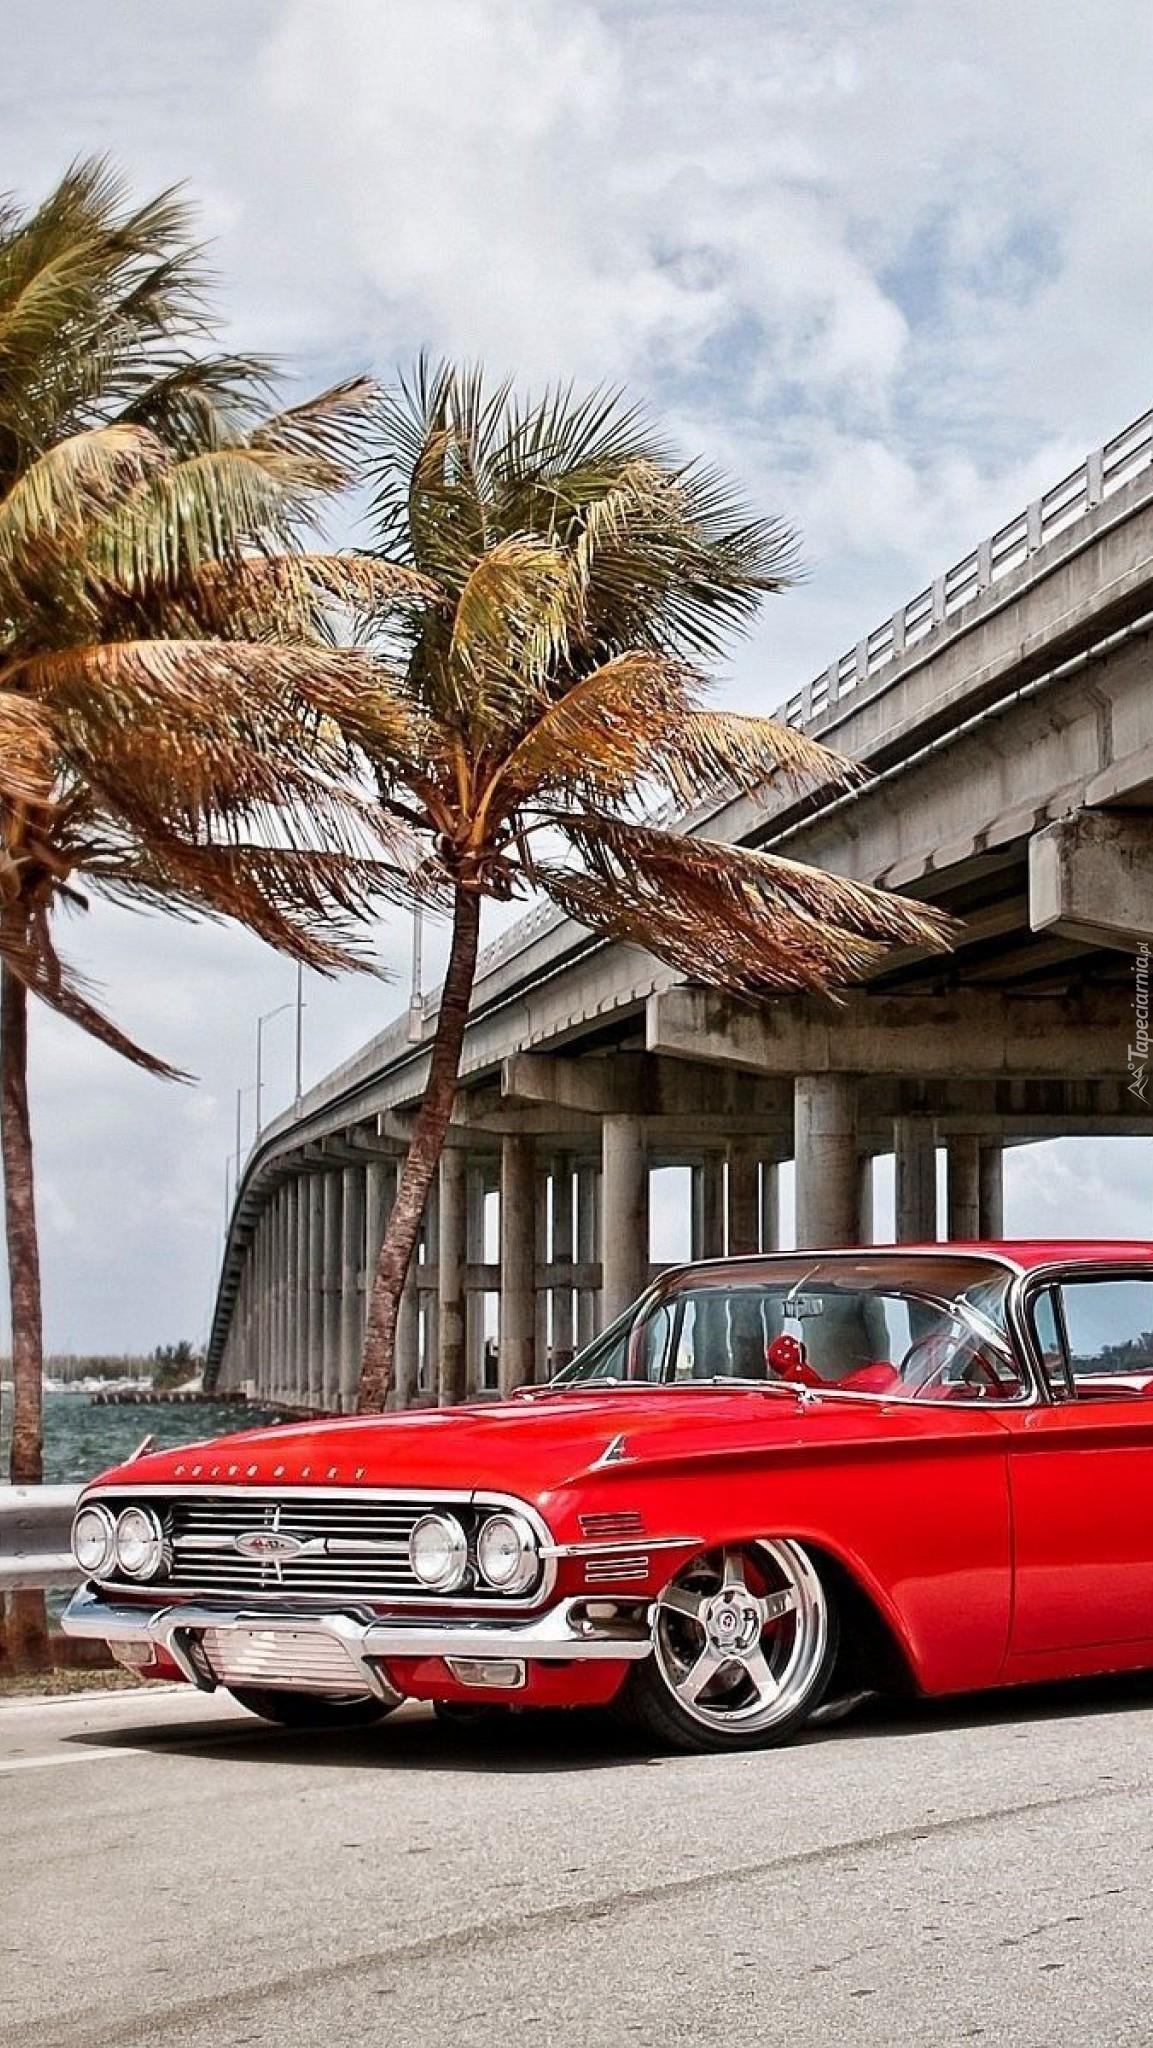 Chevrolet Impala pod palmami